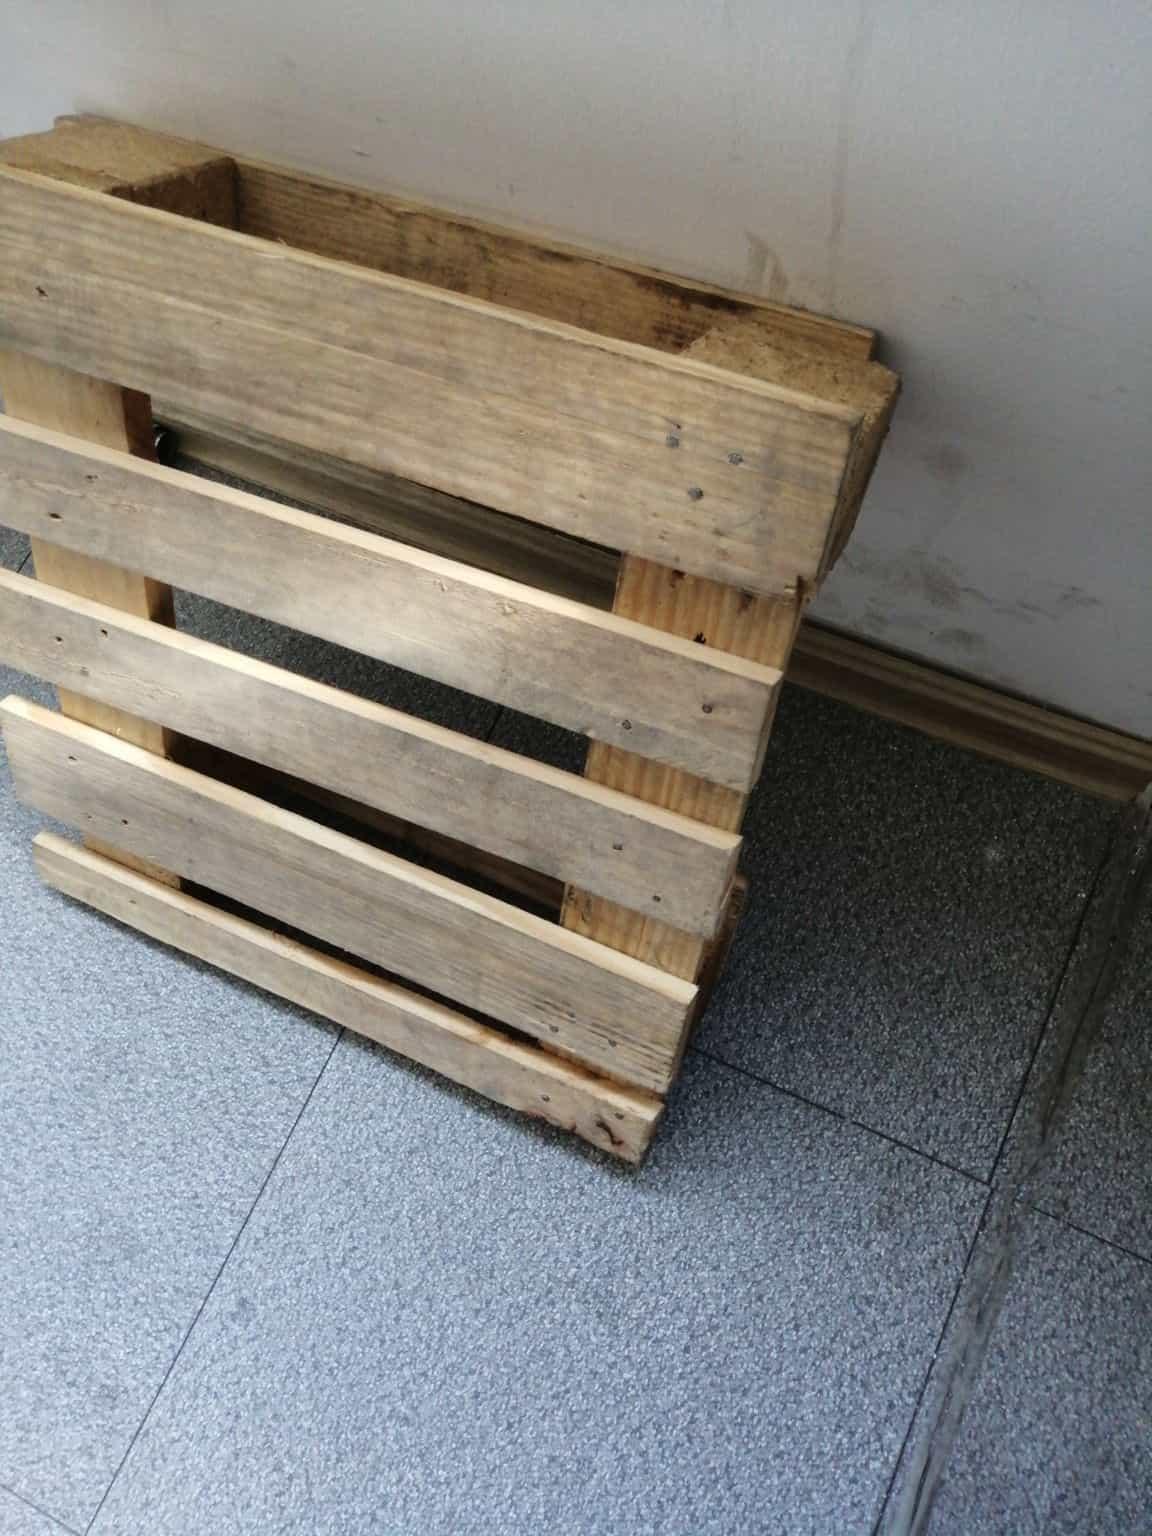 唐山木胶板供应批发厂家将于6月底?,℉ぺ?通其与龙巅极滑轮